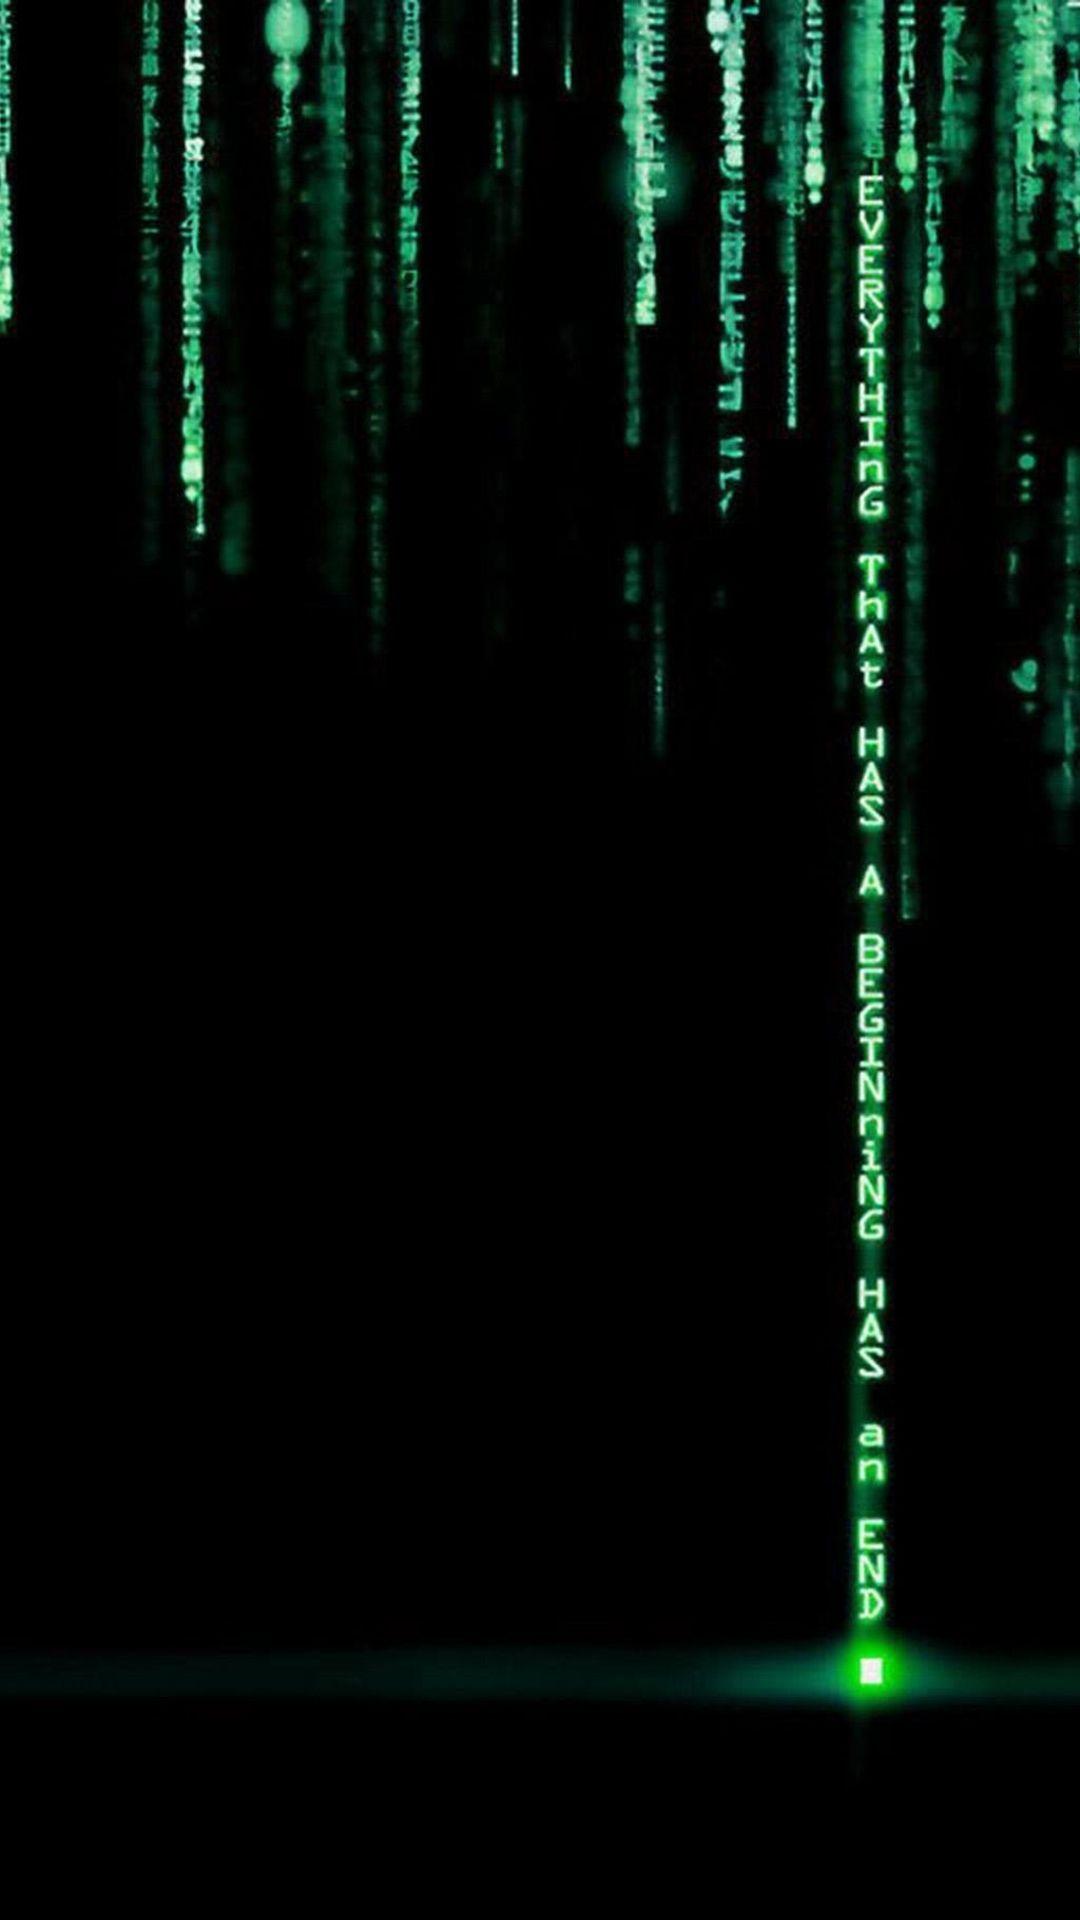 Matrix Code iPhone 5 Wallpaper iPod Wallpaper HD   Download 1080x1920